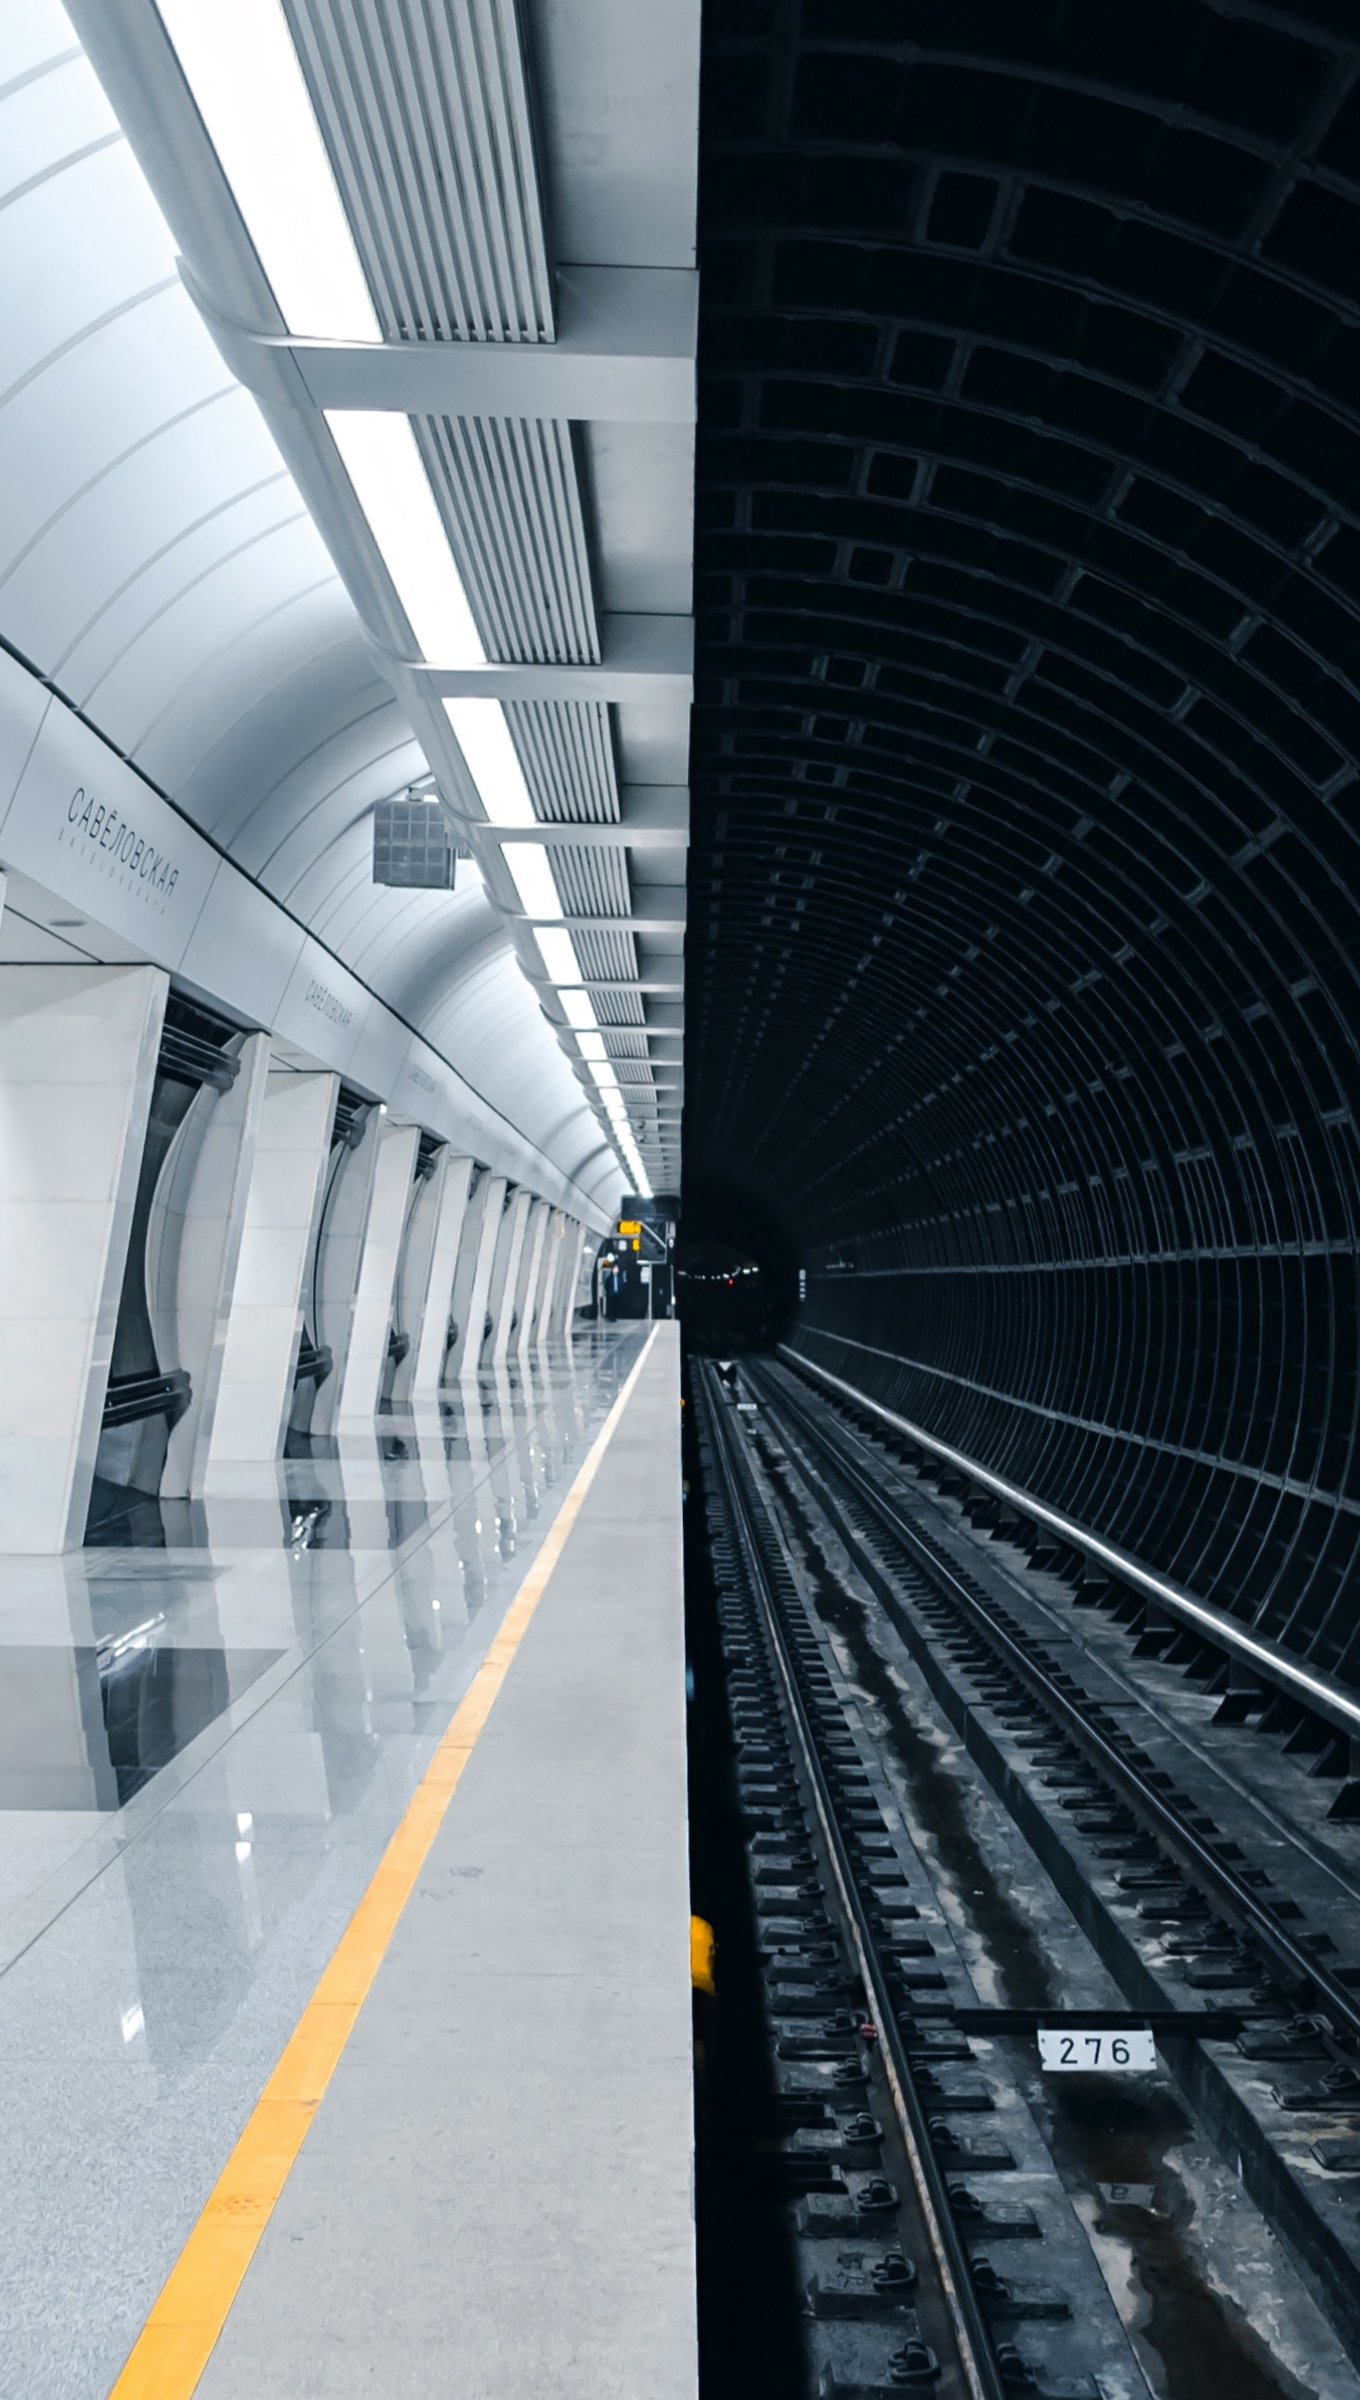 Fondos de pantalla Tunel de estación de metro Vertical